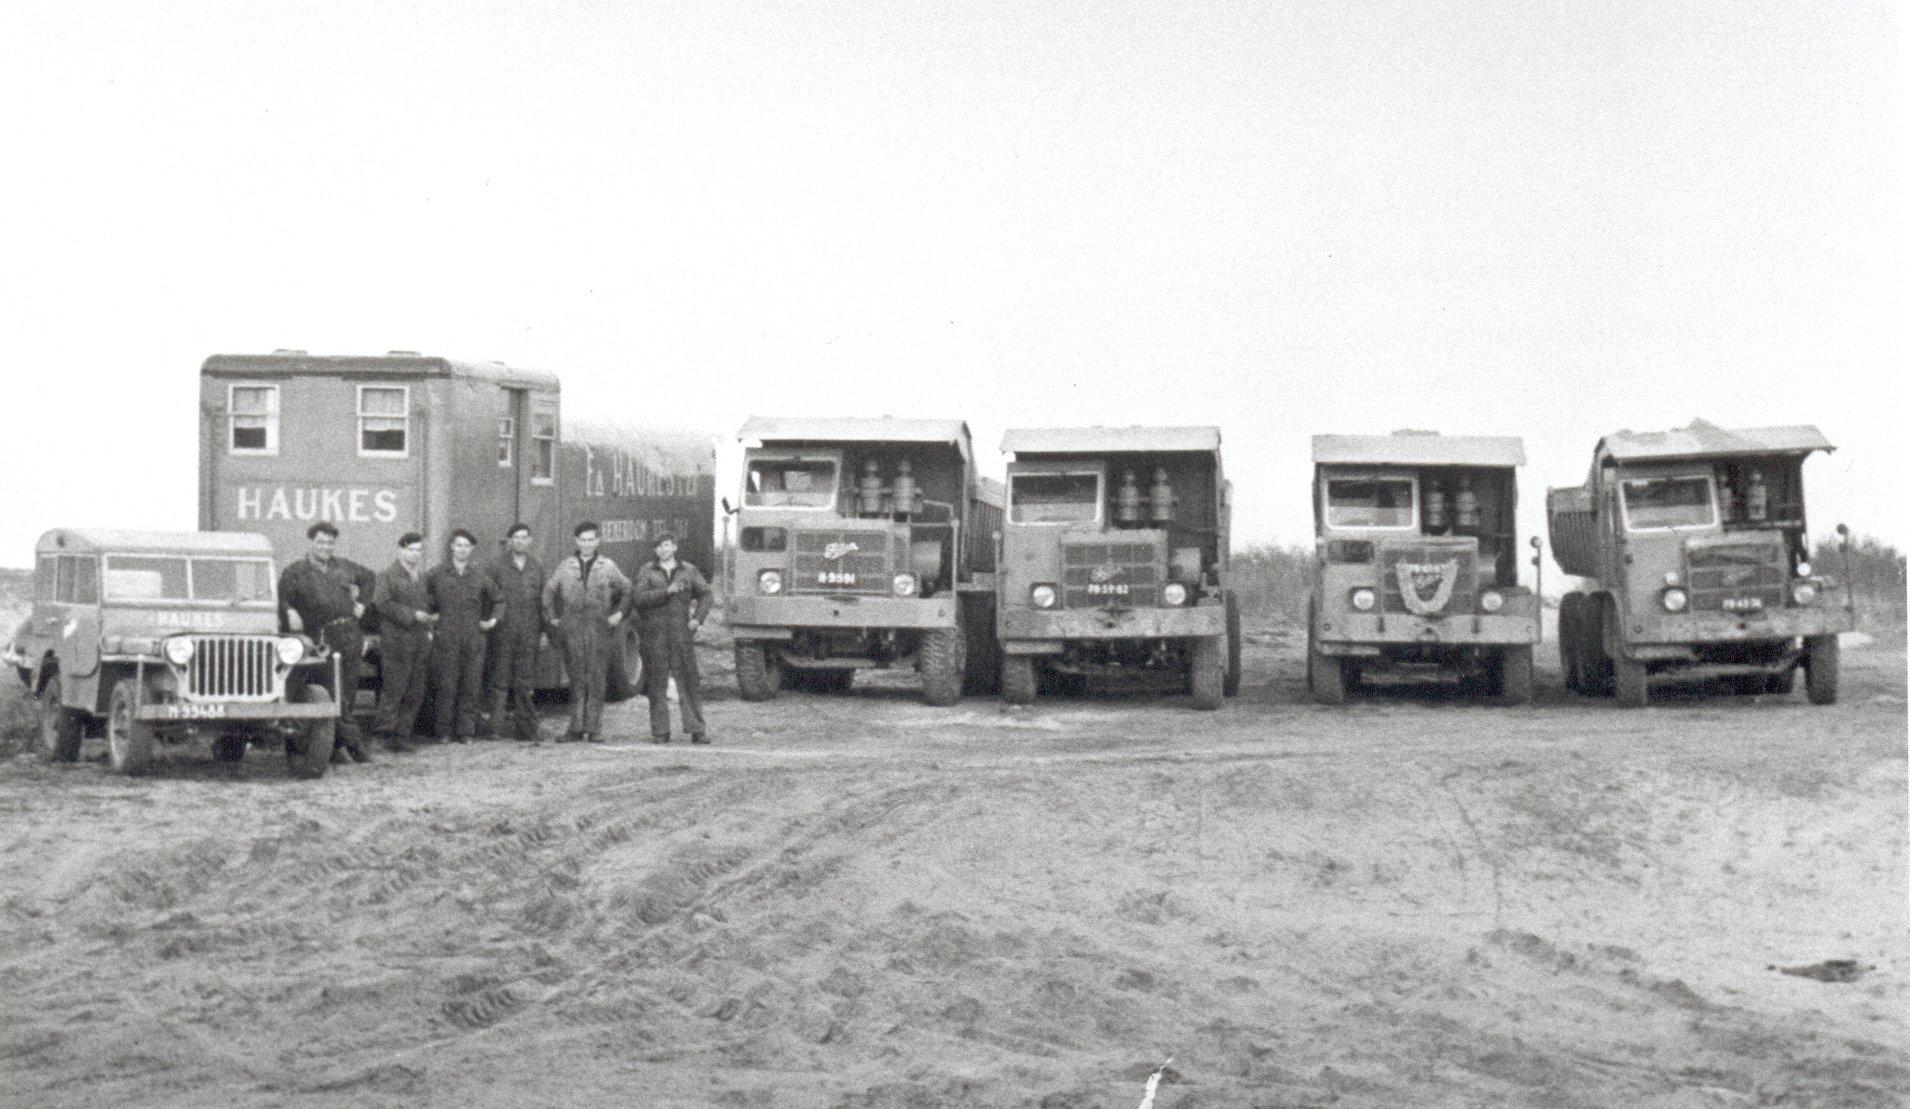 zand-rijden-bij-de-kalkzandsteenfabriek-in-lisse-foden-nr--17-8-9-6-en-de-slaap-en-materialenwagen--willie-haukes--gert-brandwijk--henk-janssen-albert-janssen-jan-van-haaren--arie-janssen